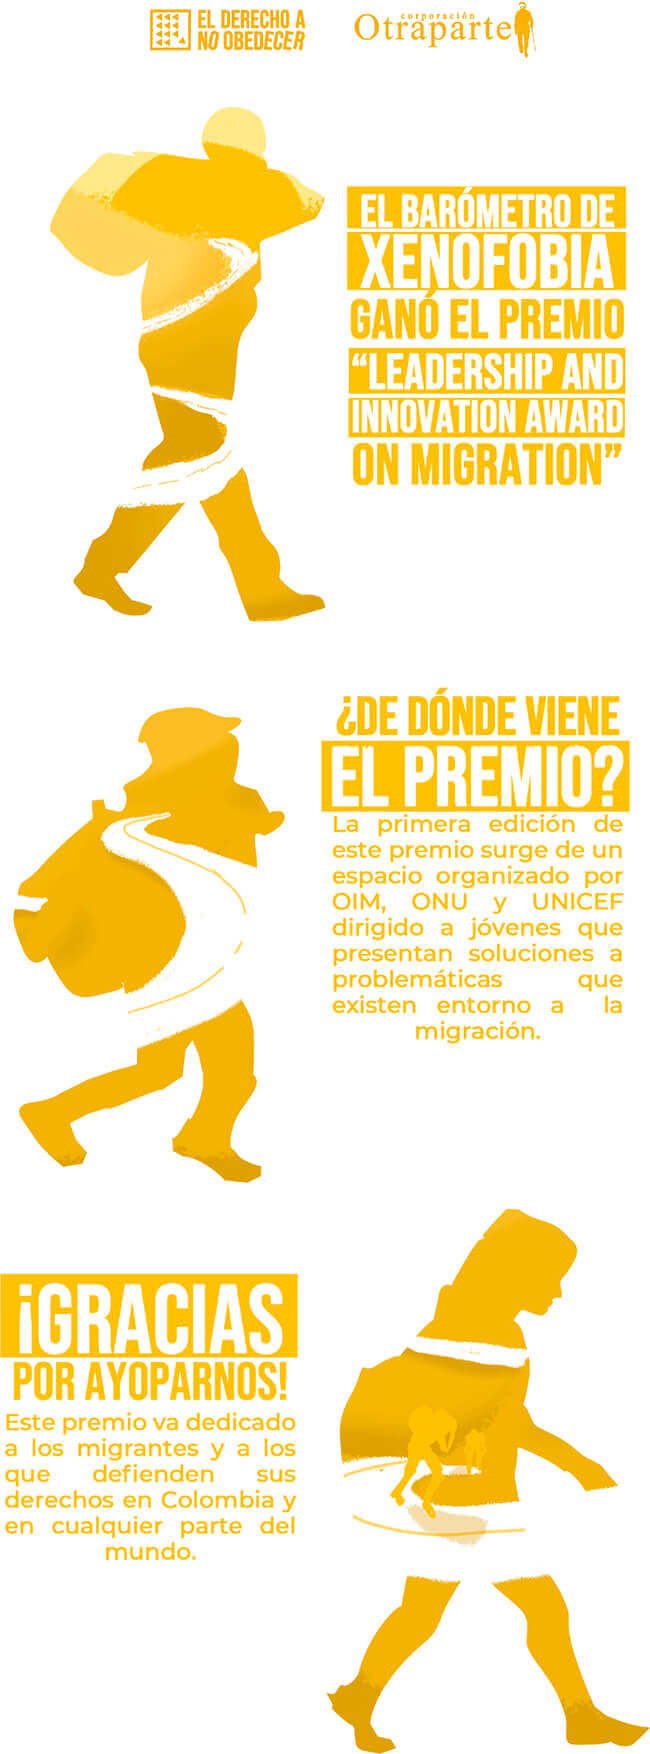 Barómetro de Xenofobia - Leadership and Innovation Award on Migration - Una iniciativa liderada por El Derecho a No Obedecer